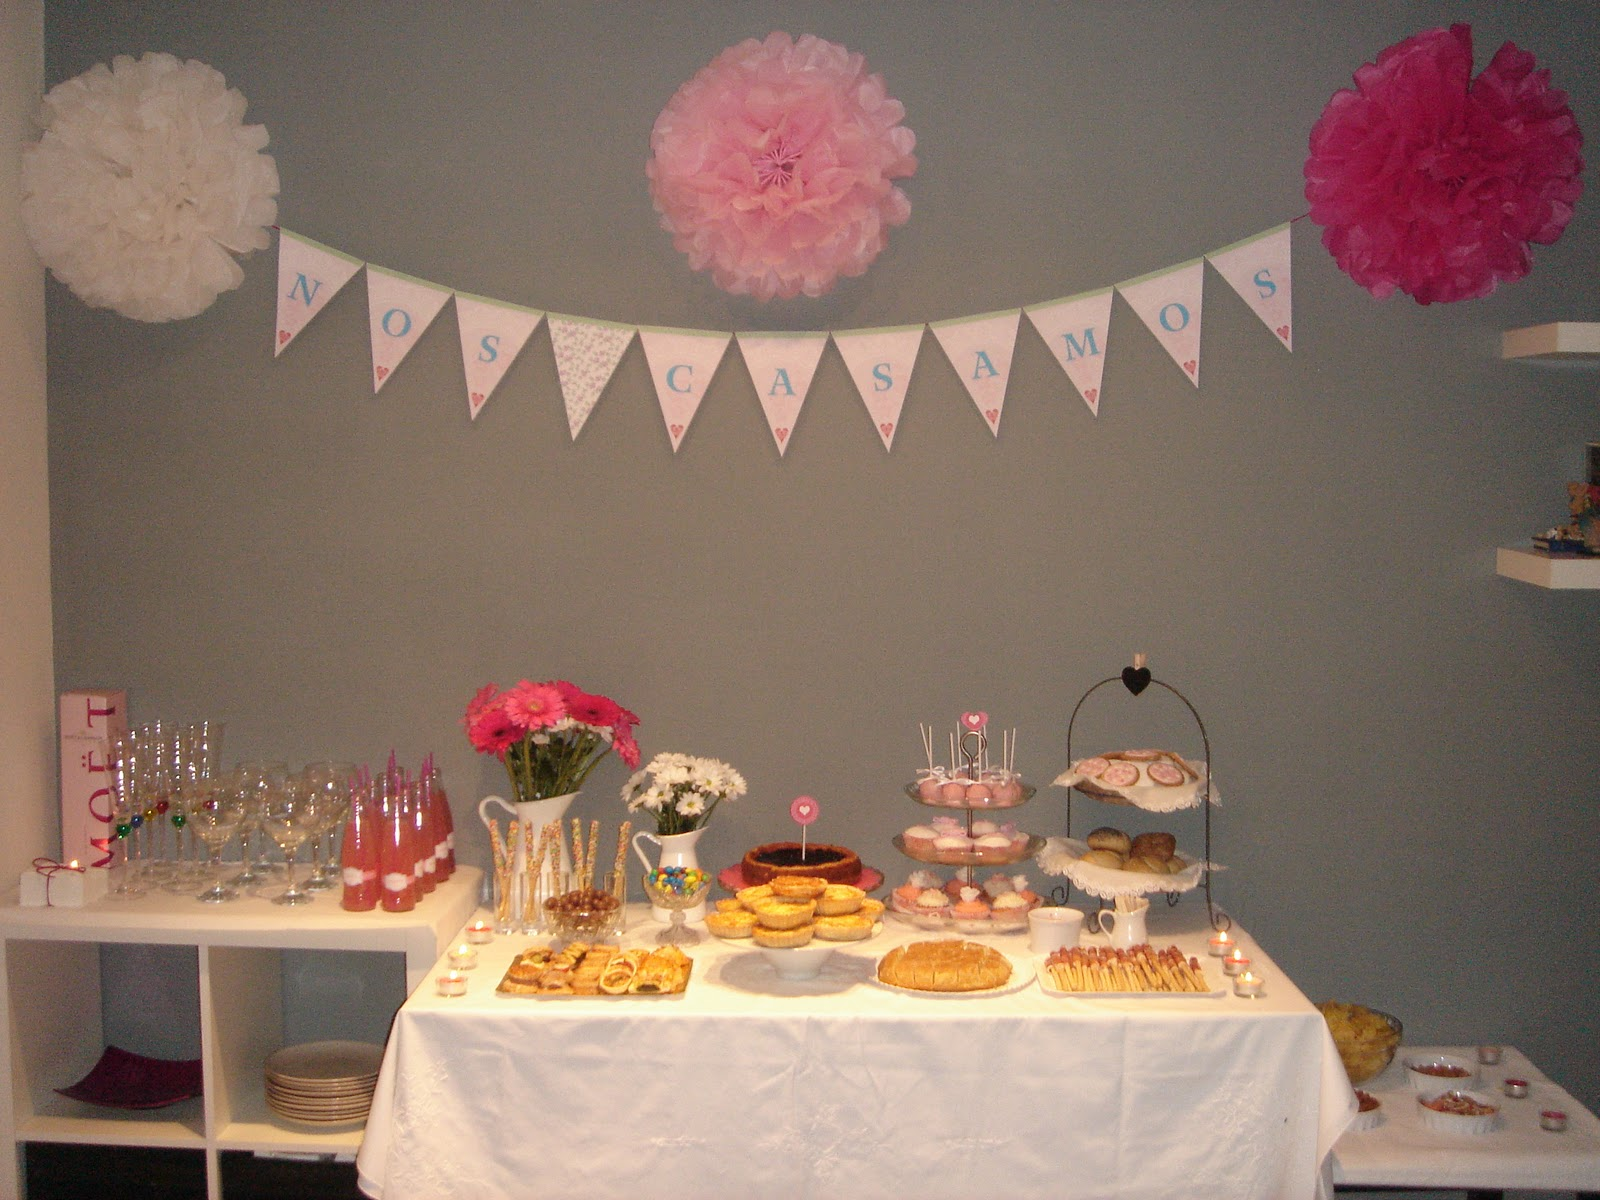 La chica de la casa de caramelo nuestra fiesta de compromiso for Paginas para decorar tu casa